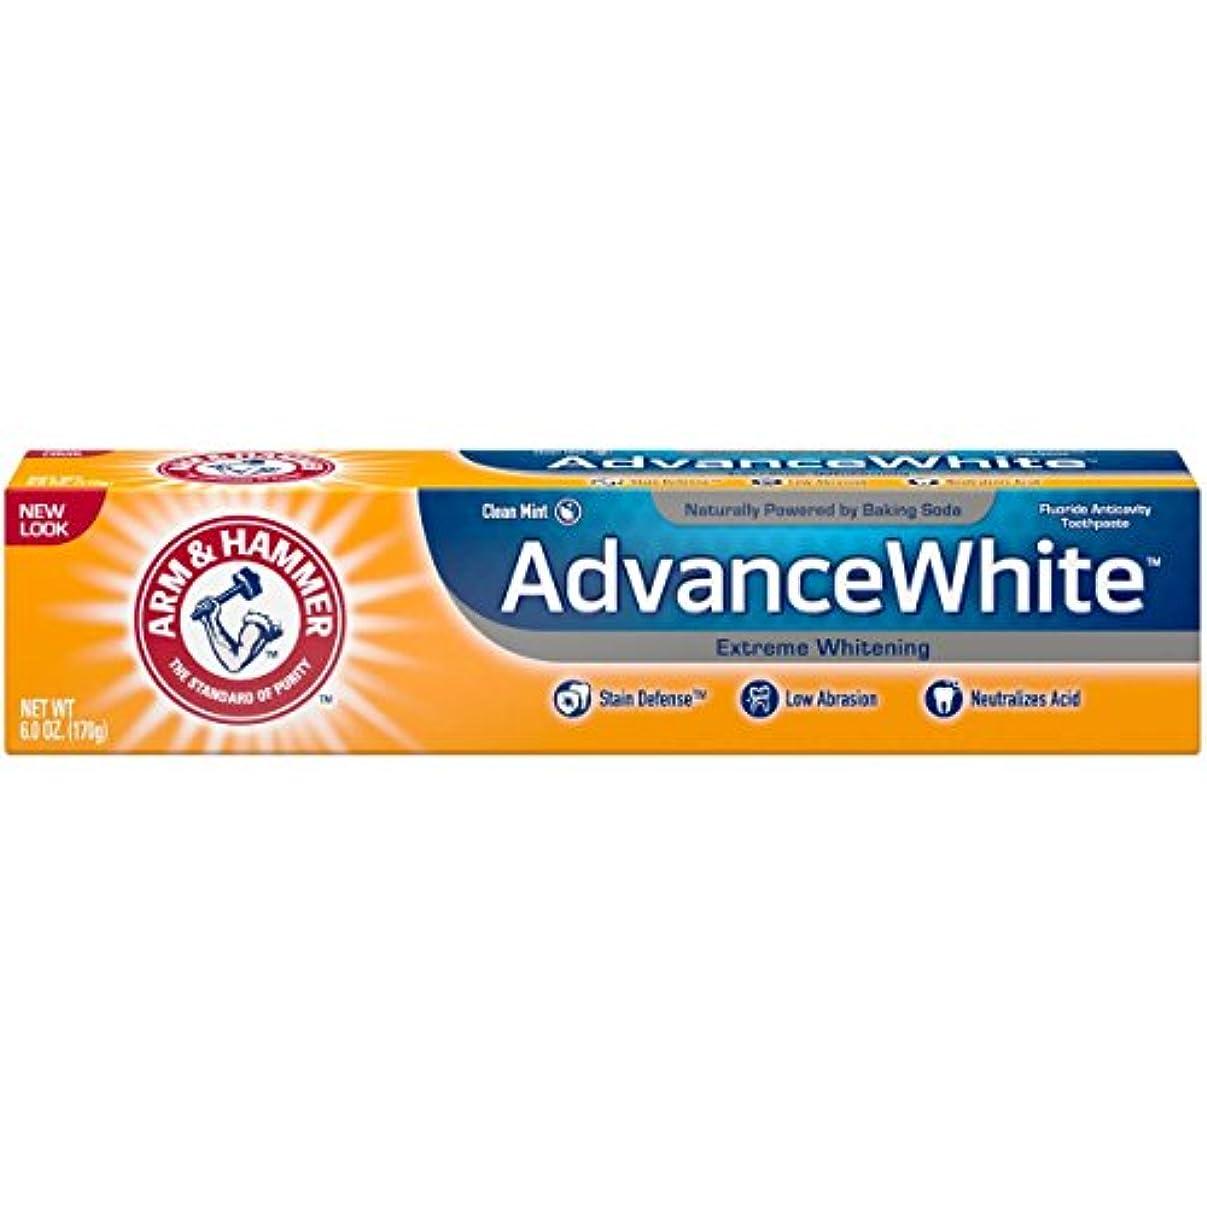 純粋なオン完璧Arm & Hammer アドバンスホワイトエクストリームホワイトニングで染色防衛の歯磨き粉、6オズ(3パック) 3パック